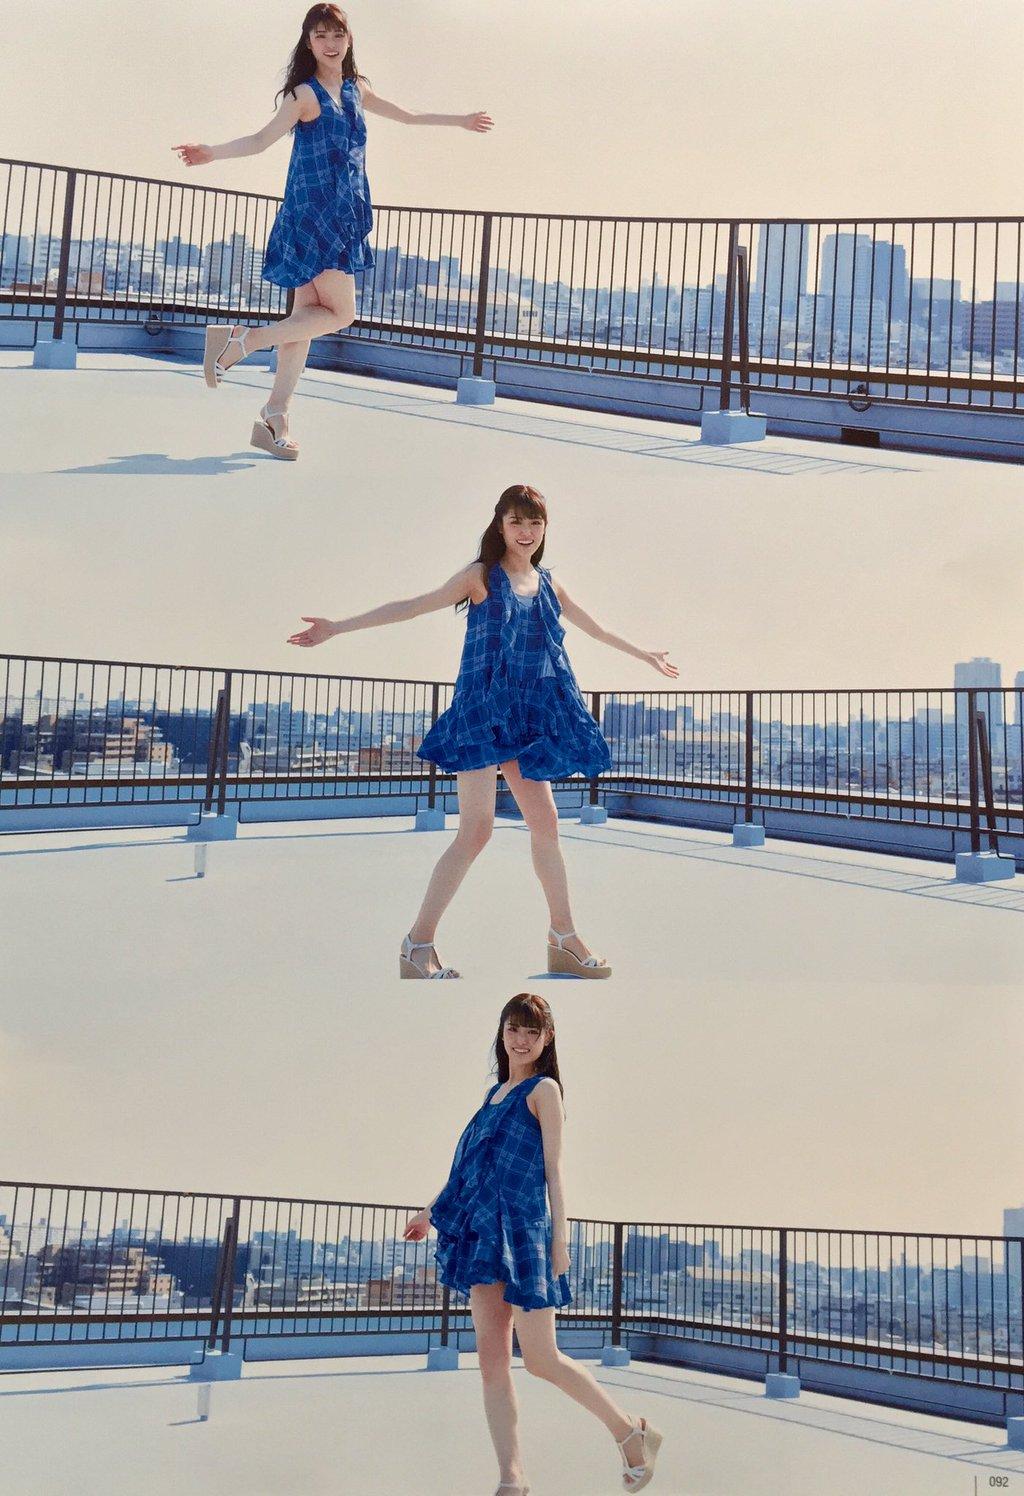 乃木坂46松村沙友理(25)写真集の抜ける下着姿エロ画像130枚・56枚目の画像